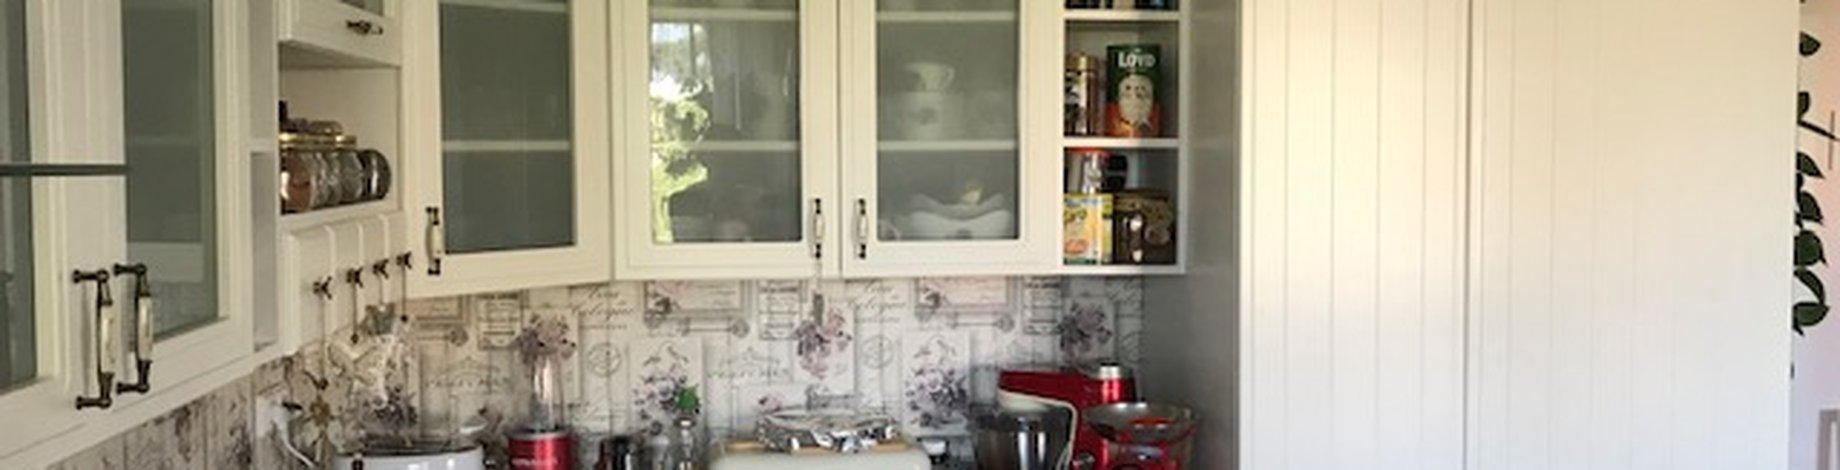 Homestaging = příprava nemovitosti k prodeji